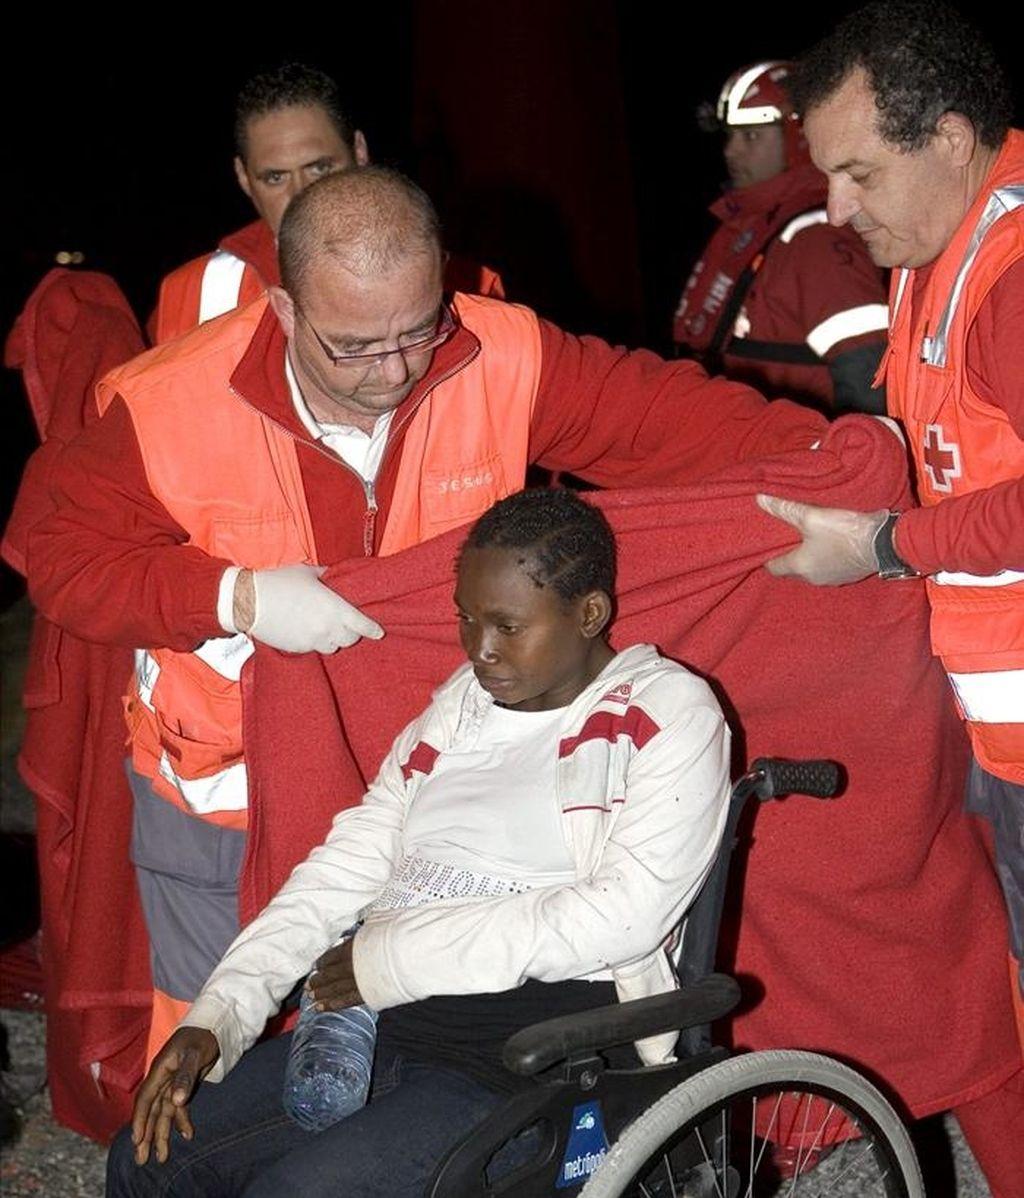 Miembros de Cruz Roja socorren a una mujer embarazada que llegó en febreroal puerto de Motril junto a otras 54 o 55 personas de origen subsahariano, entre ellos seis niños. EFE/Archivo